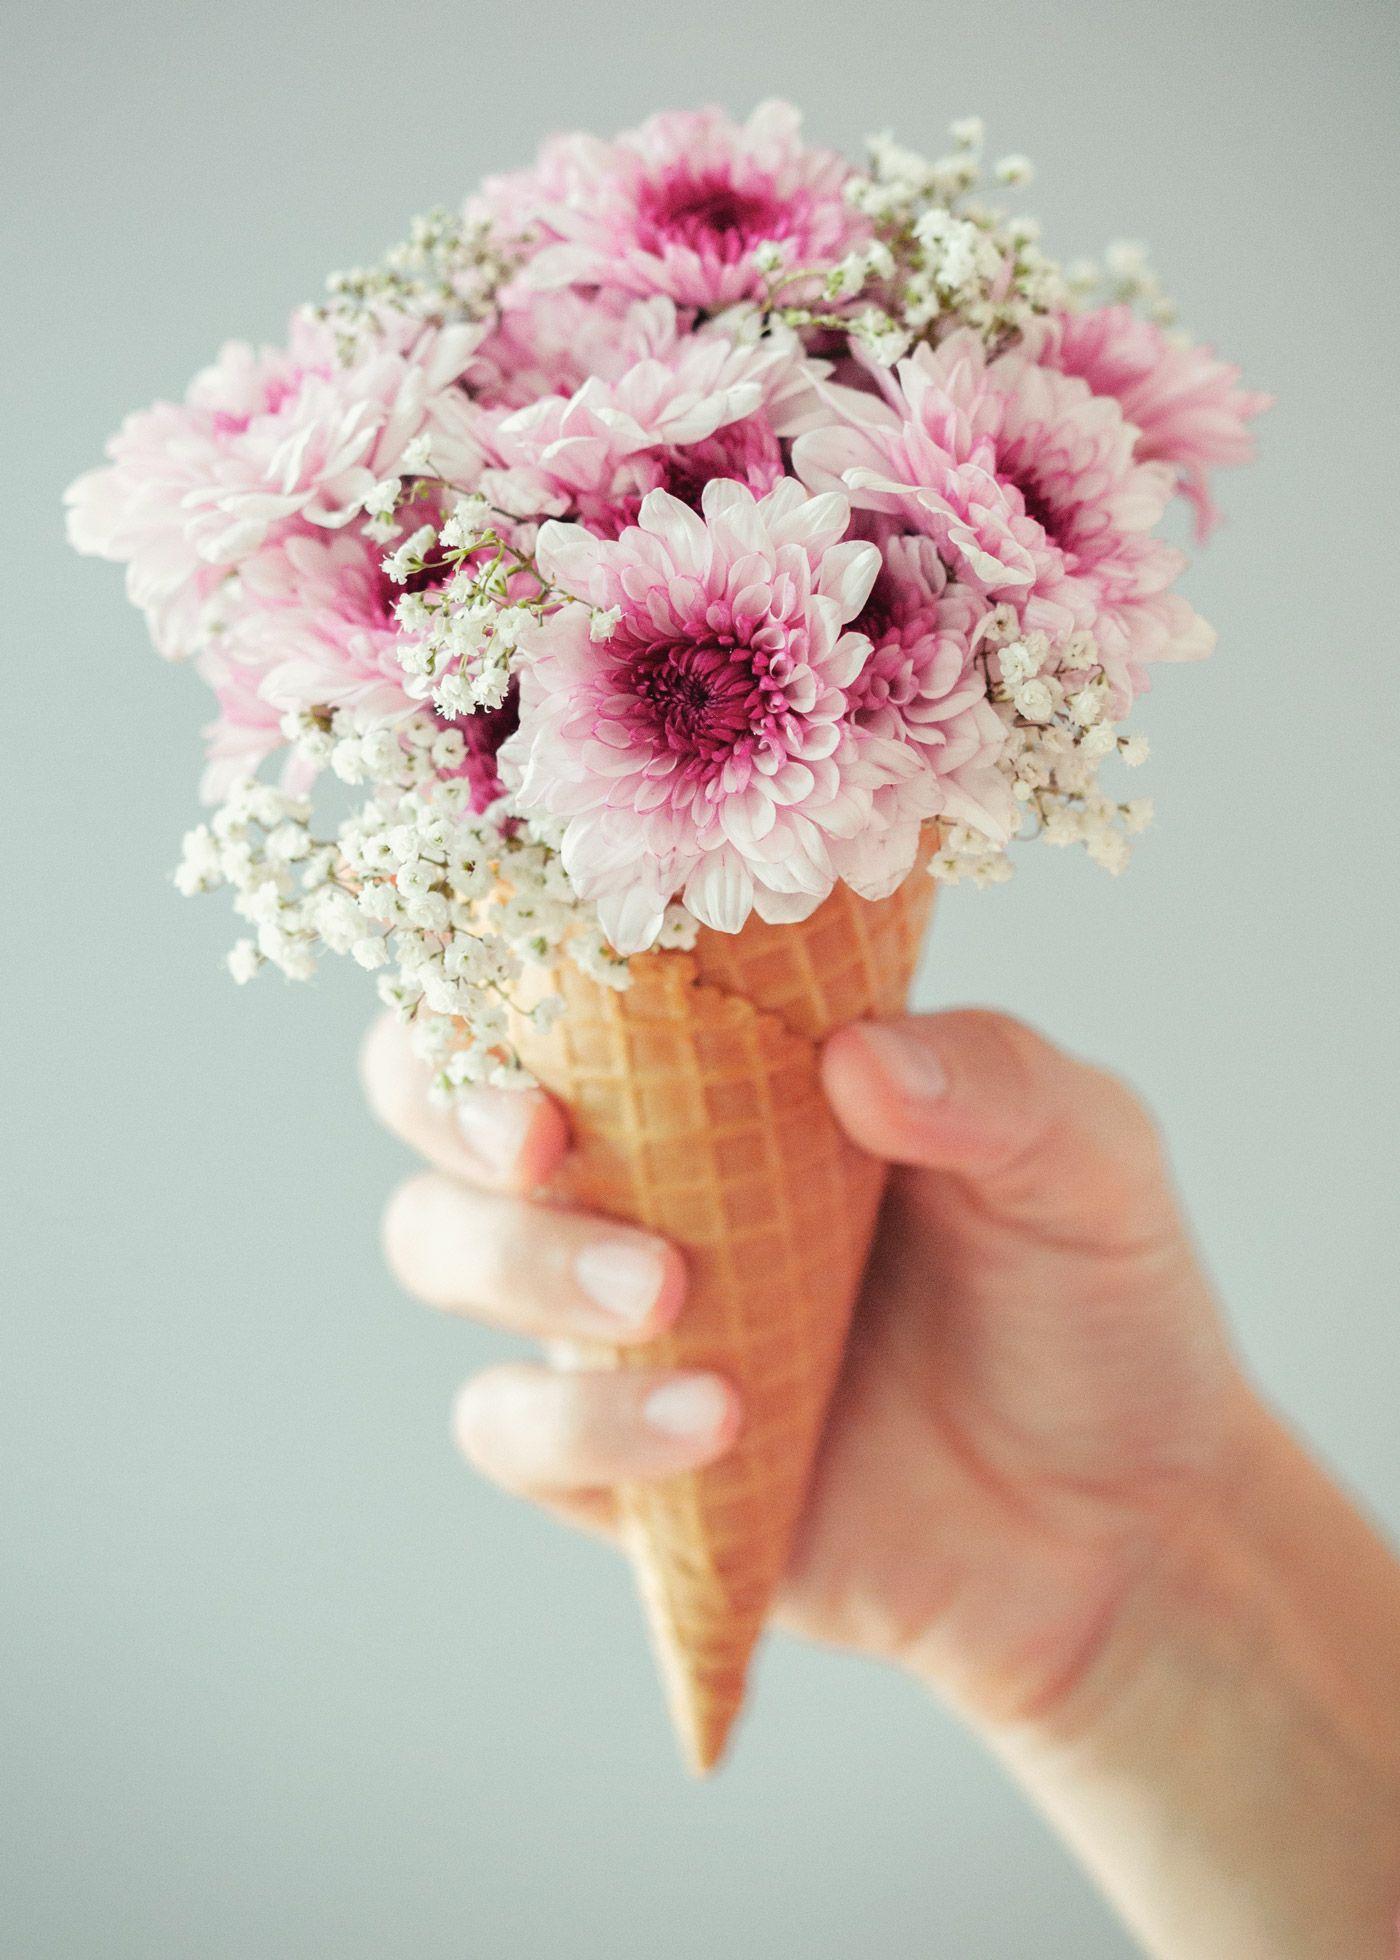 flowers3 Flor estética, Flores de color crema